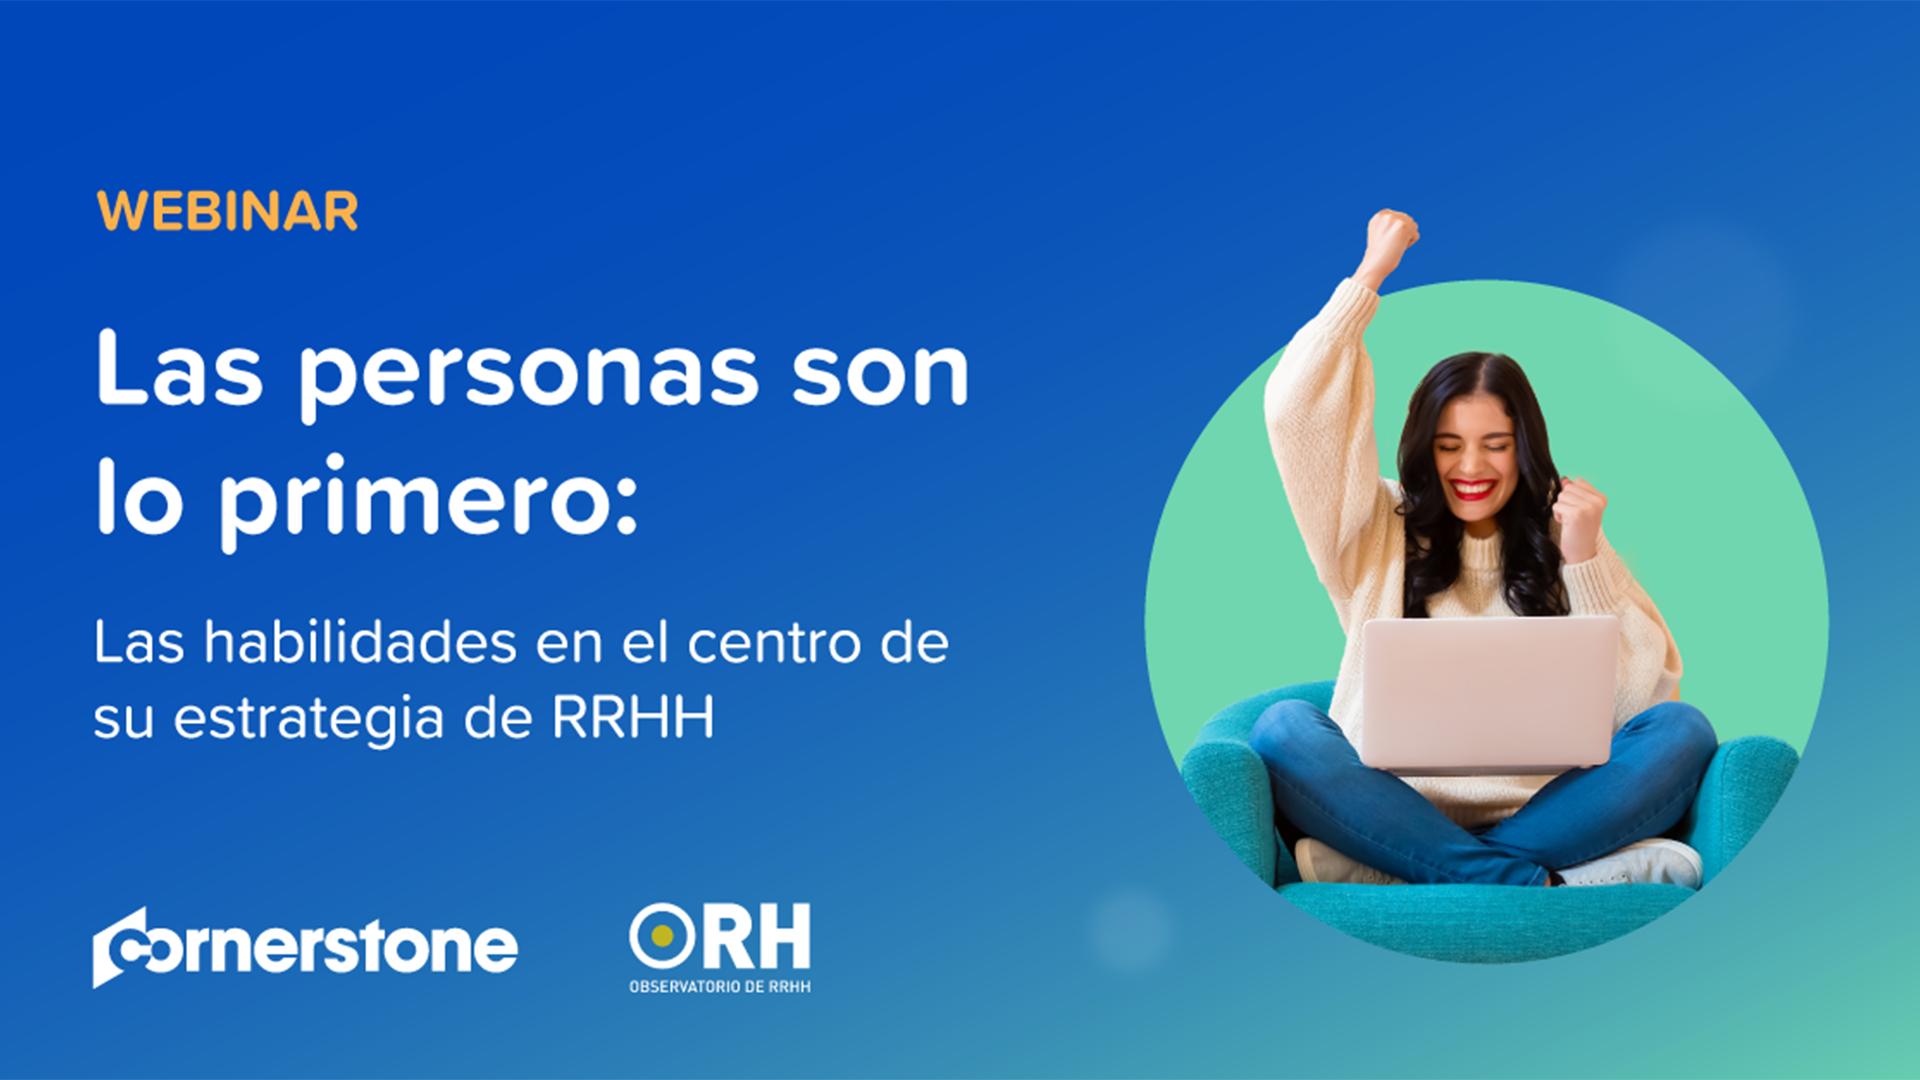 Las personas son lo primero: las habilidades en el centro de su estrategia de RRHH